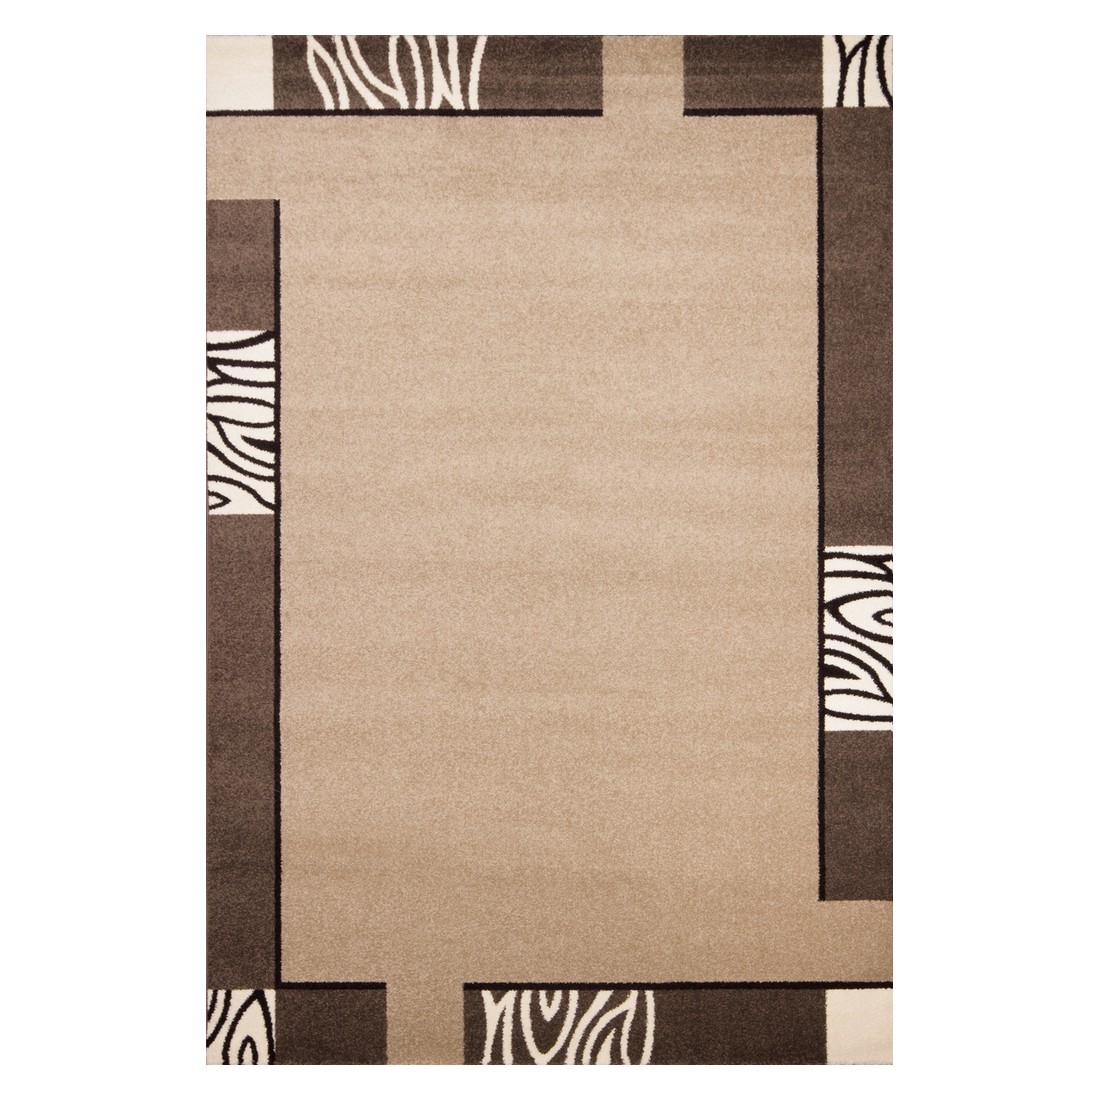 Teppich Bern – Braun – 200 x 290 cm, Kayoom online bestellen